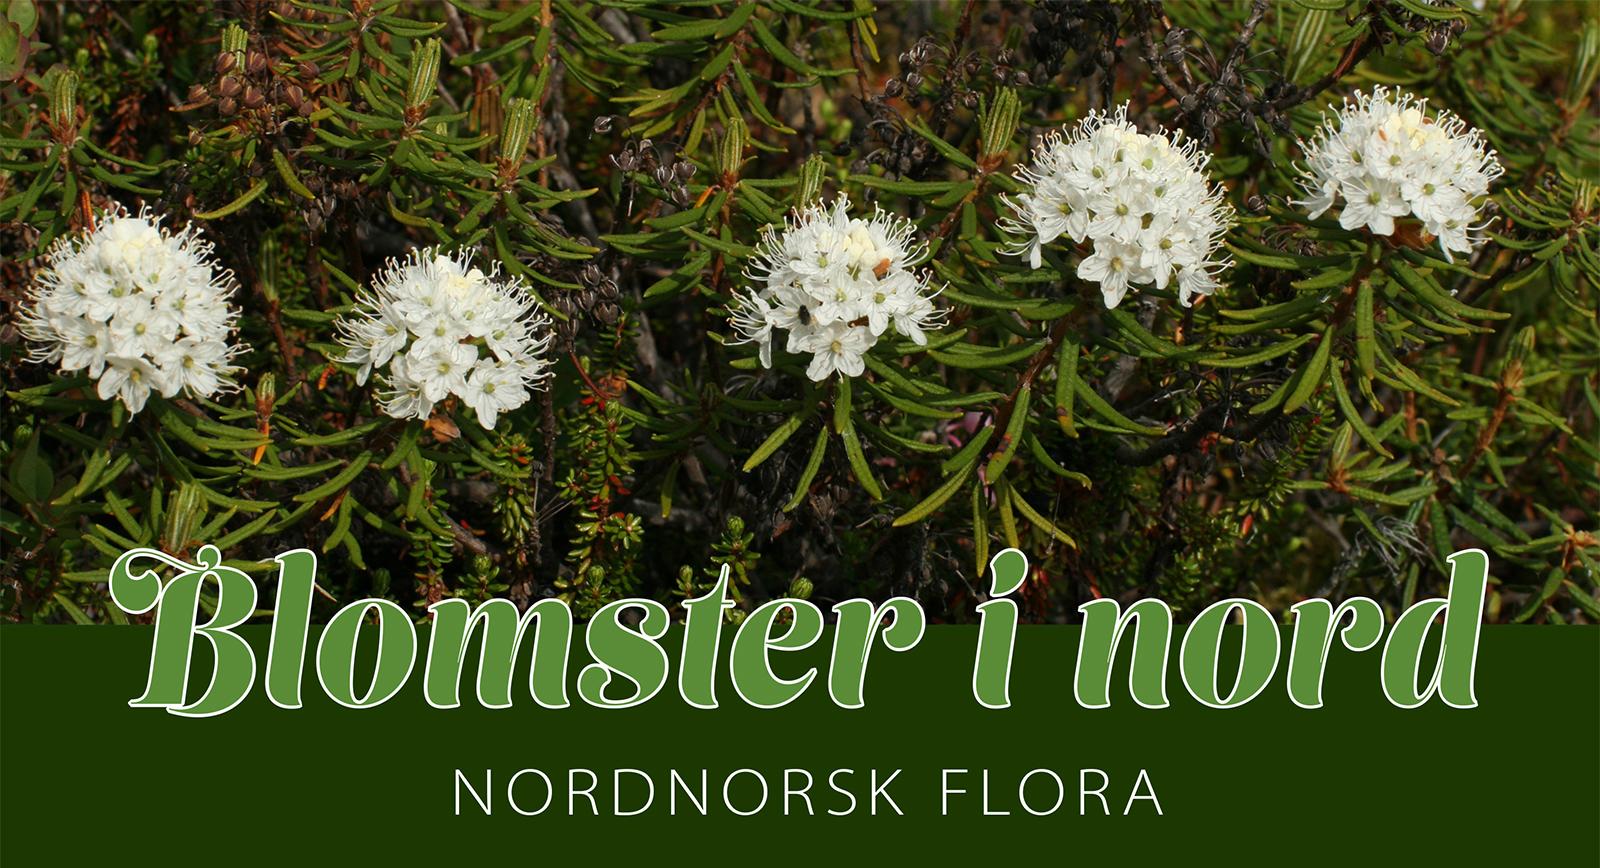 Blomsterinord - webplakat_2.jpg